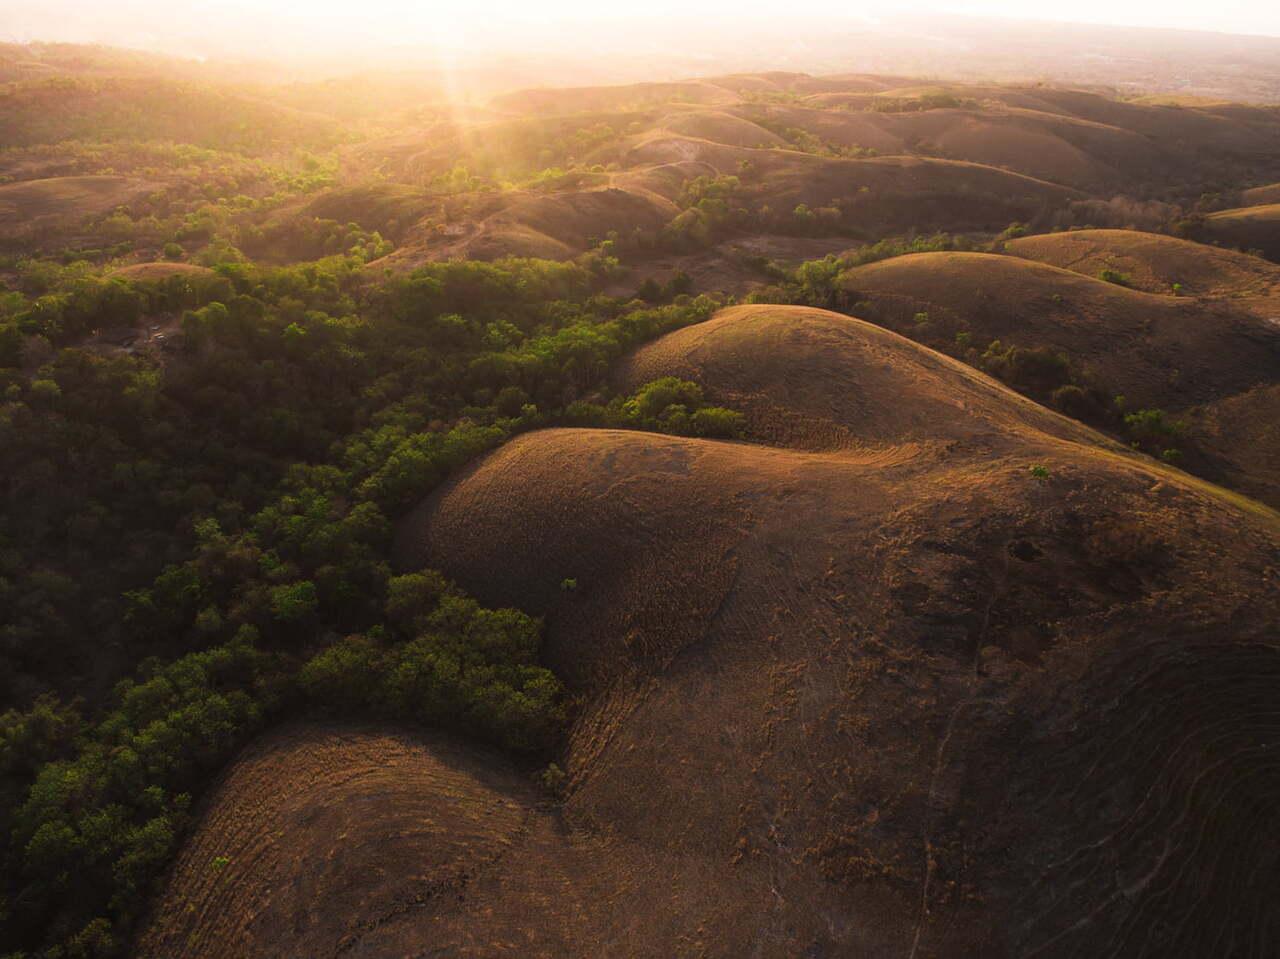 Sumba hills at sunset